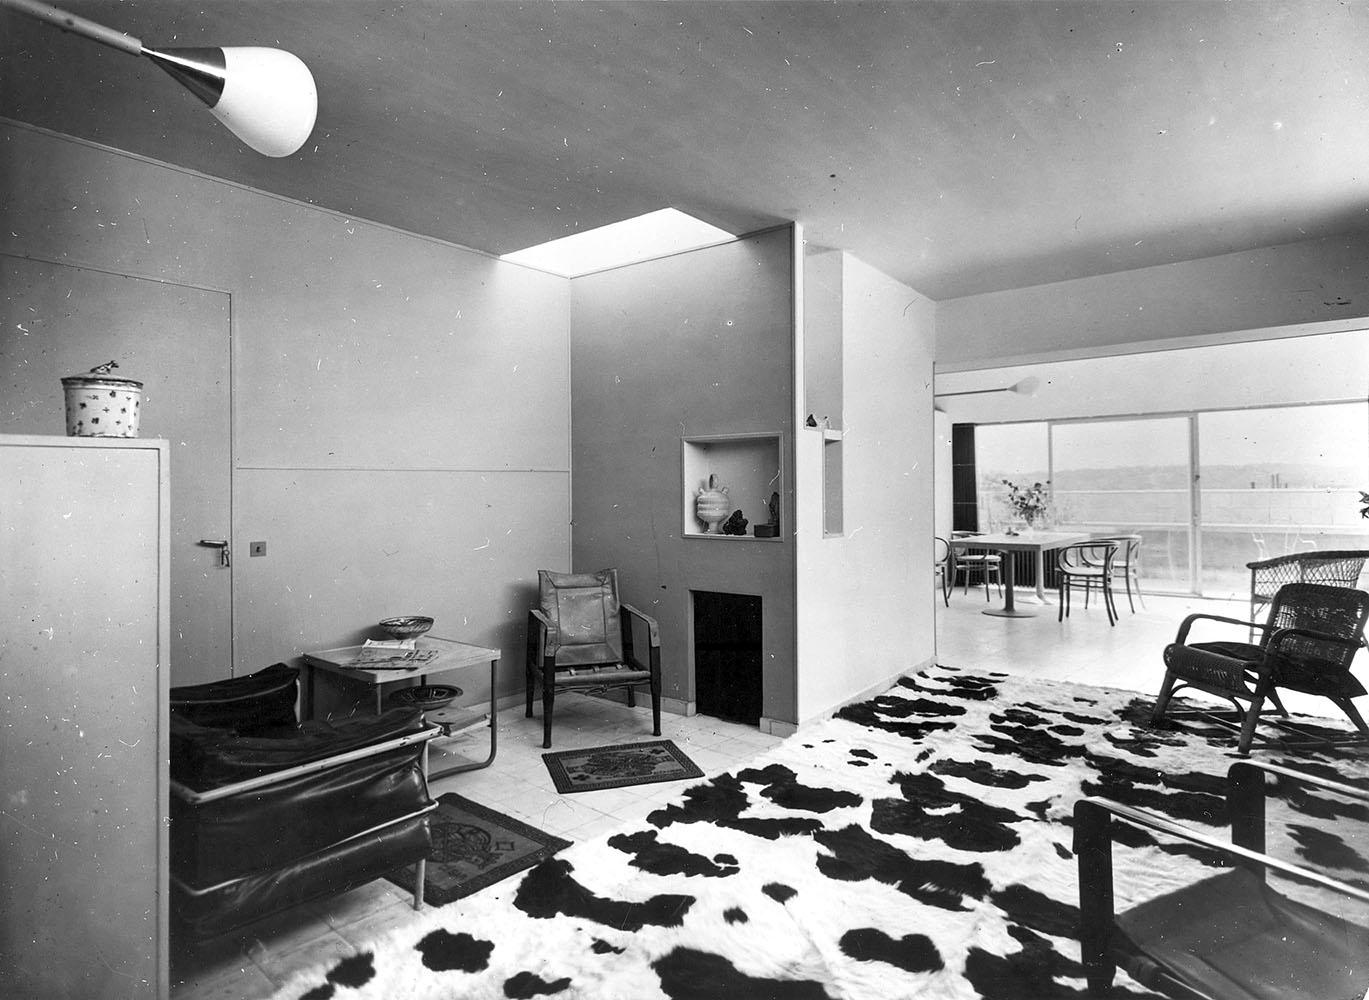 Le-Corbusier-Apartment-Atelier francois-chatillon-antoine-mercusot-07